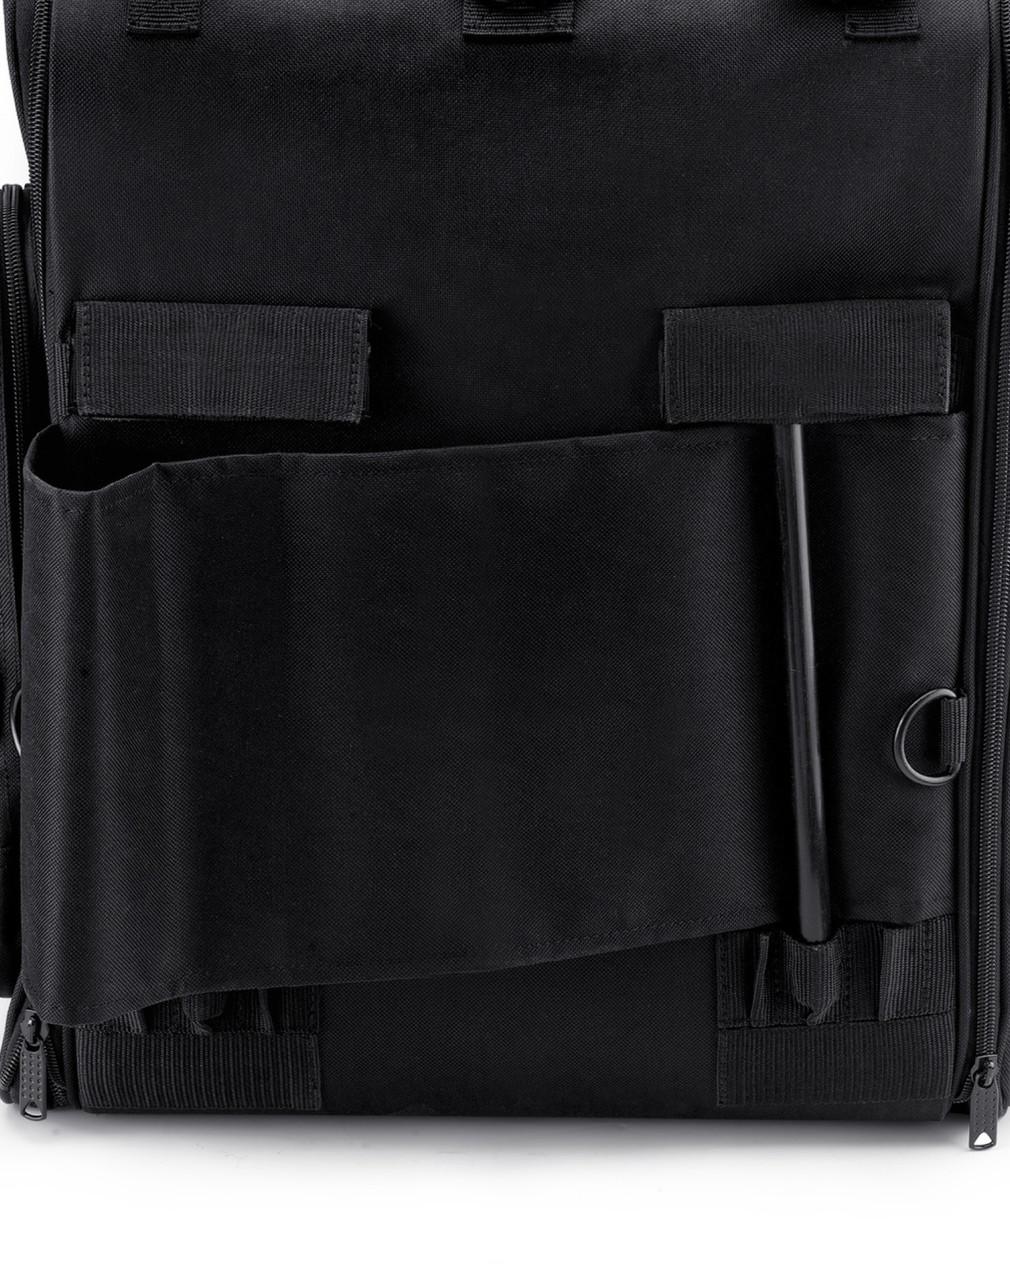 Suzuki Viking Extra Large Plain Motorcycle Tail Bag Back Side View